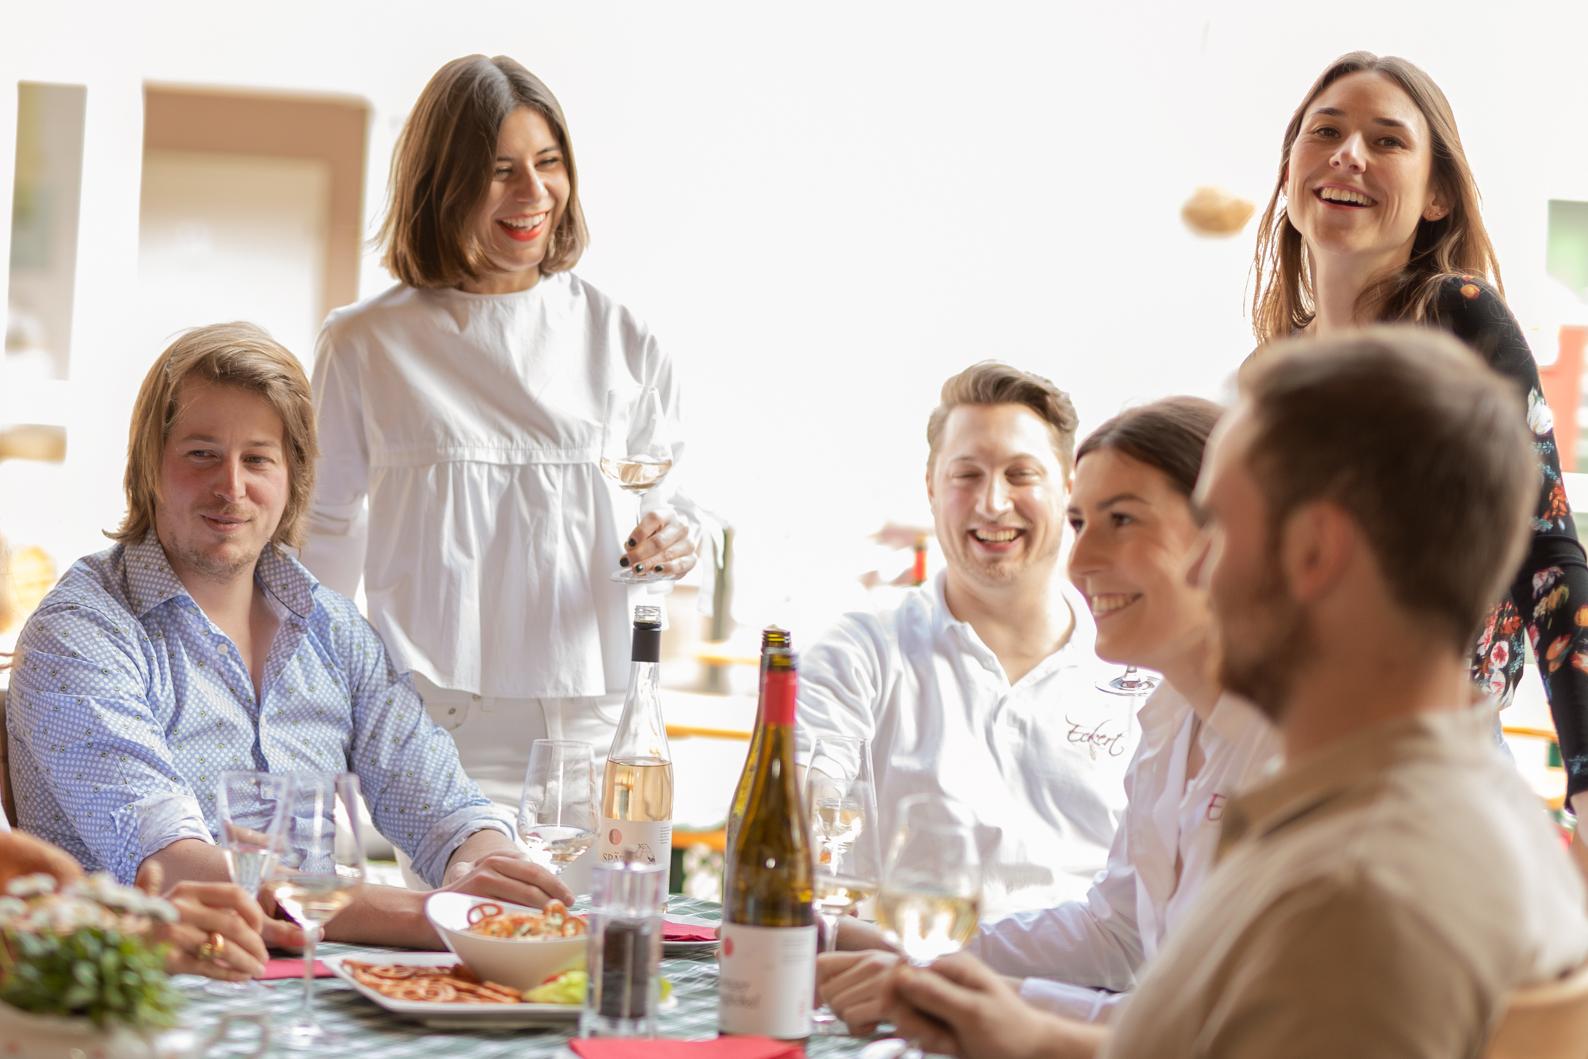 Familienweingut, Qualitätsweine, Sonne, Freude, Junge Menschen, Lachen, Spaß, Fröhlichkeit, Mainz-Ebersheim, Laurentiushof, Laurentiuskirche, Laurentisstraße,